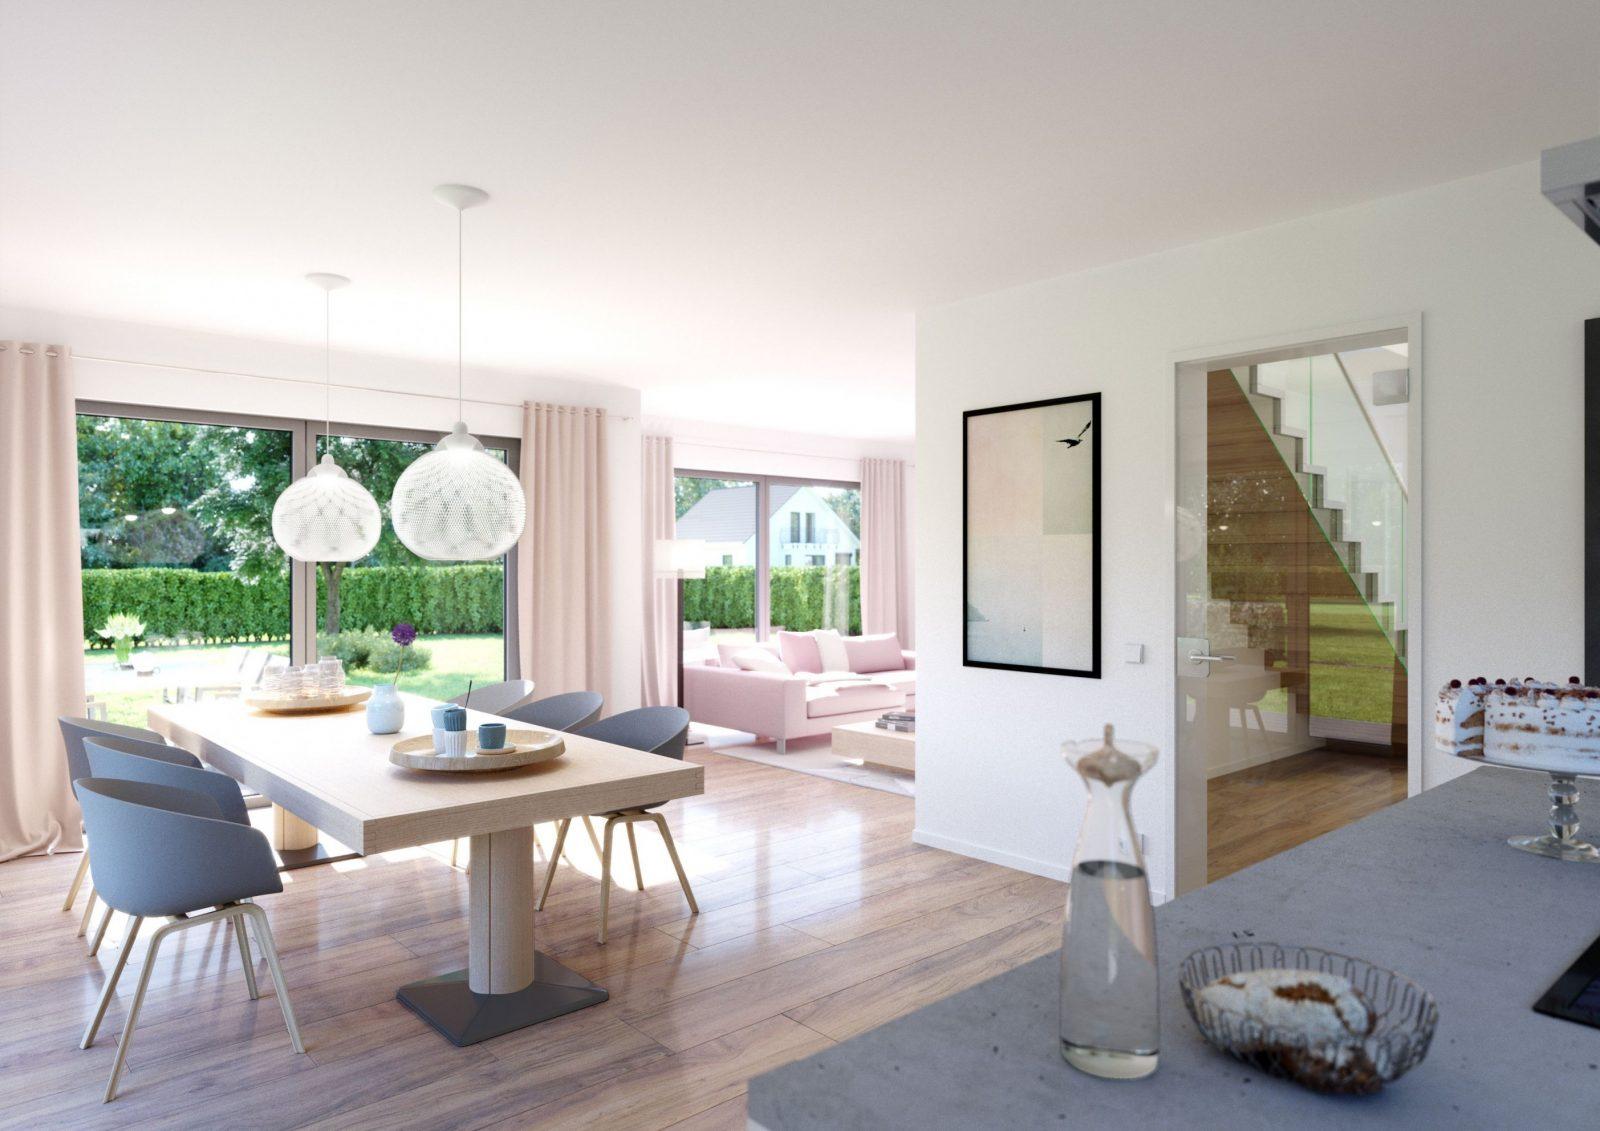 Familienhäuser  Saxli  Kern Haus Familienhaus Und Wohn Esszimmer von Ideen Offene Küche Wohnzimmer Bild